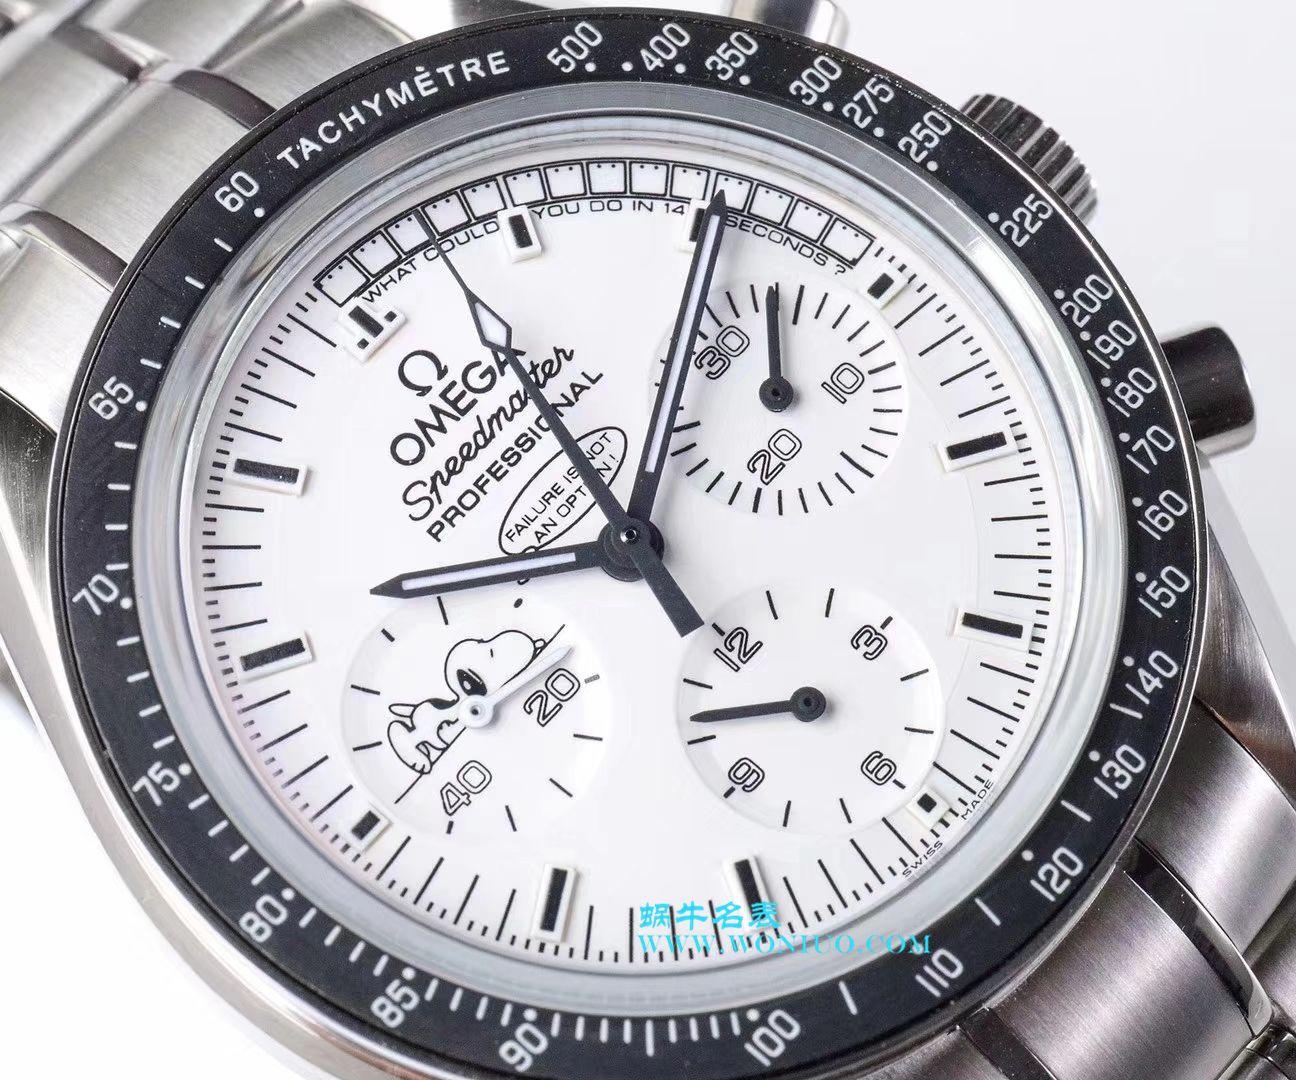 【JH1:1复刻手表】欧米茄 超霸系列史努比限量版  311.32.42.30.04.003 机械腕表